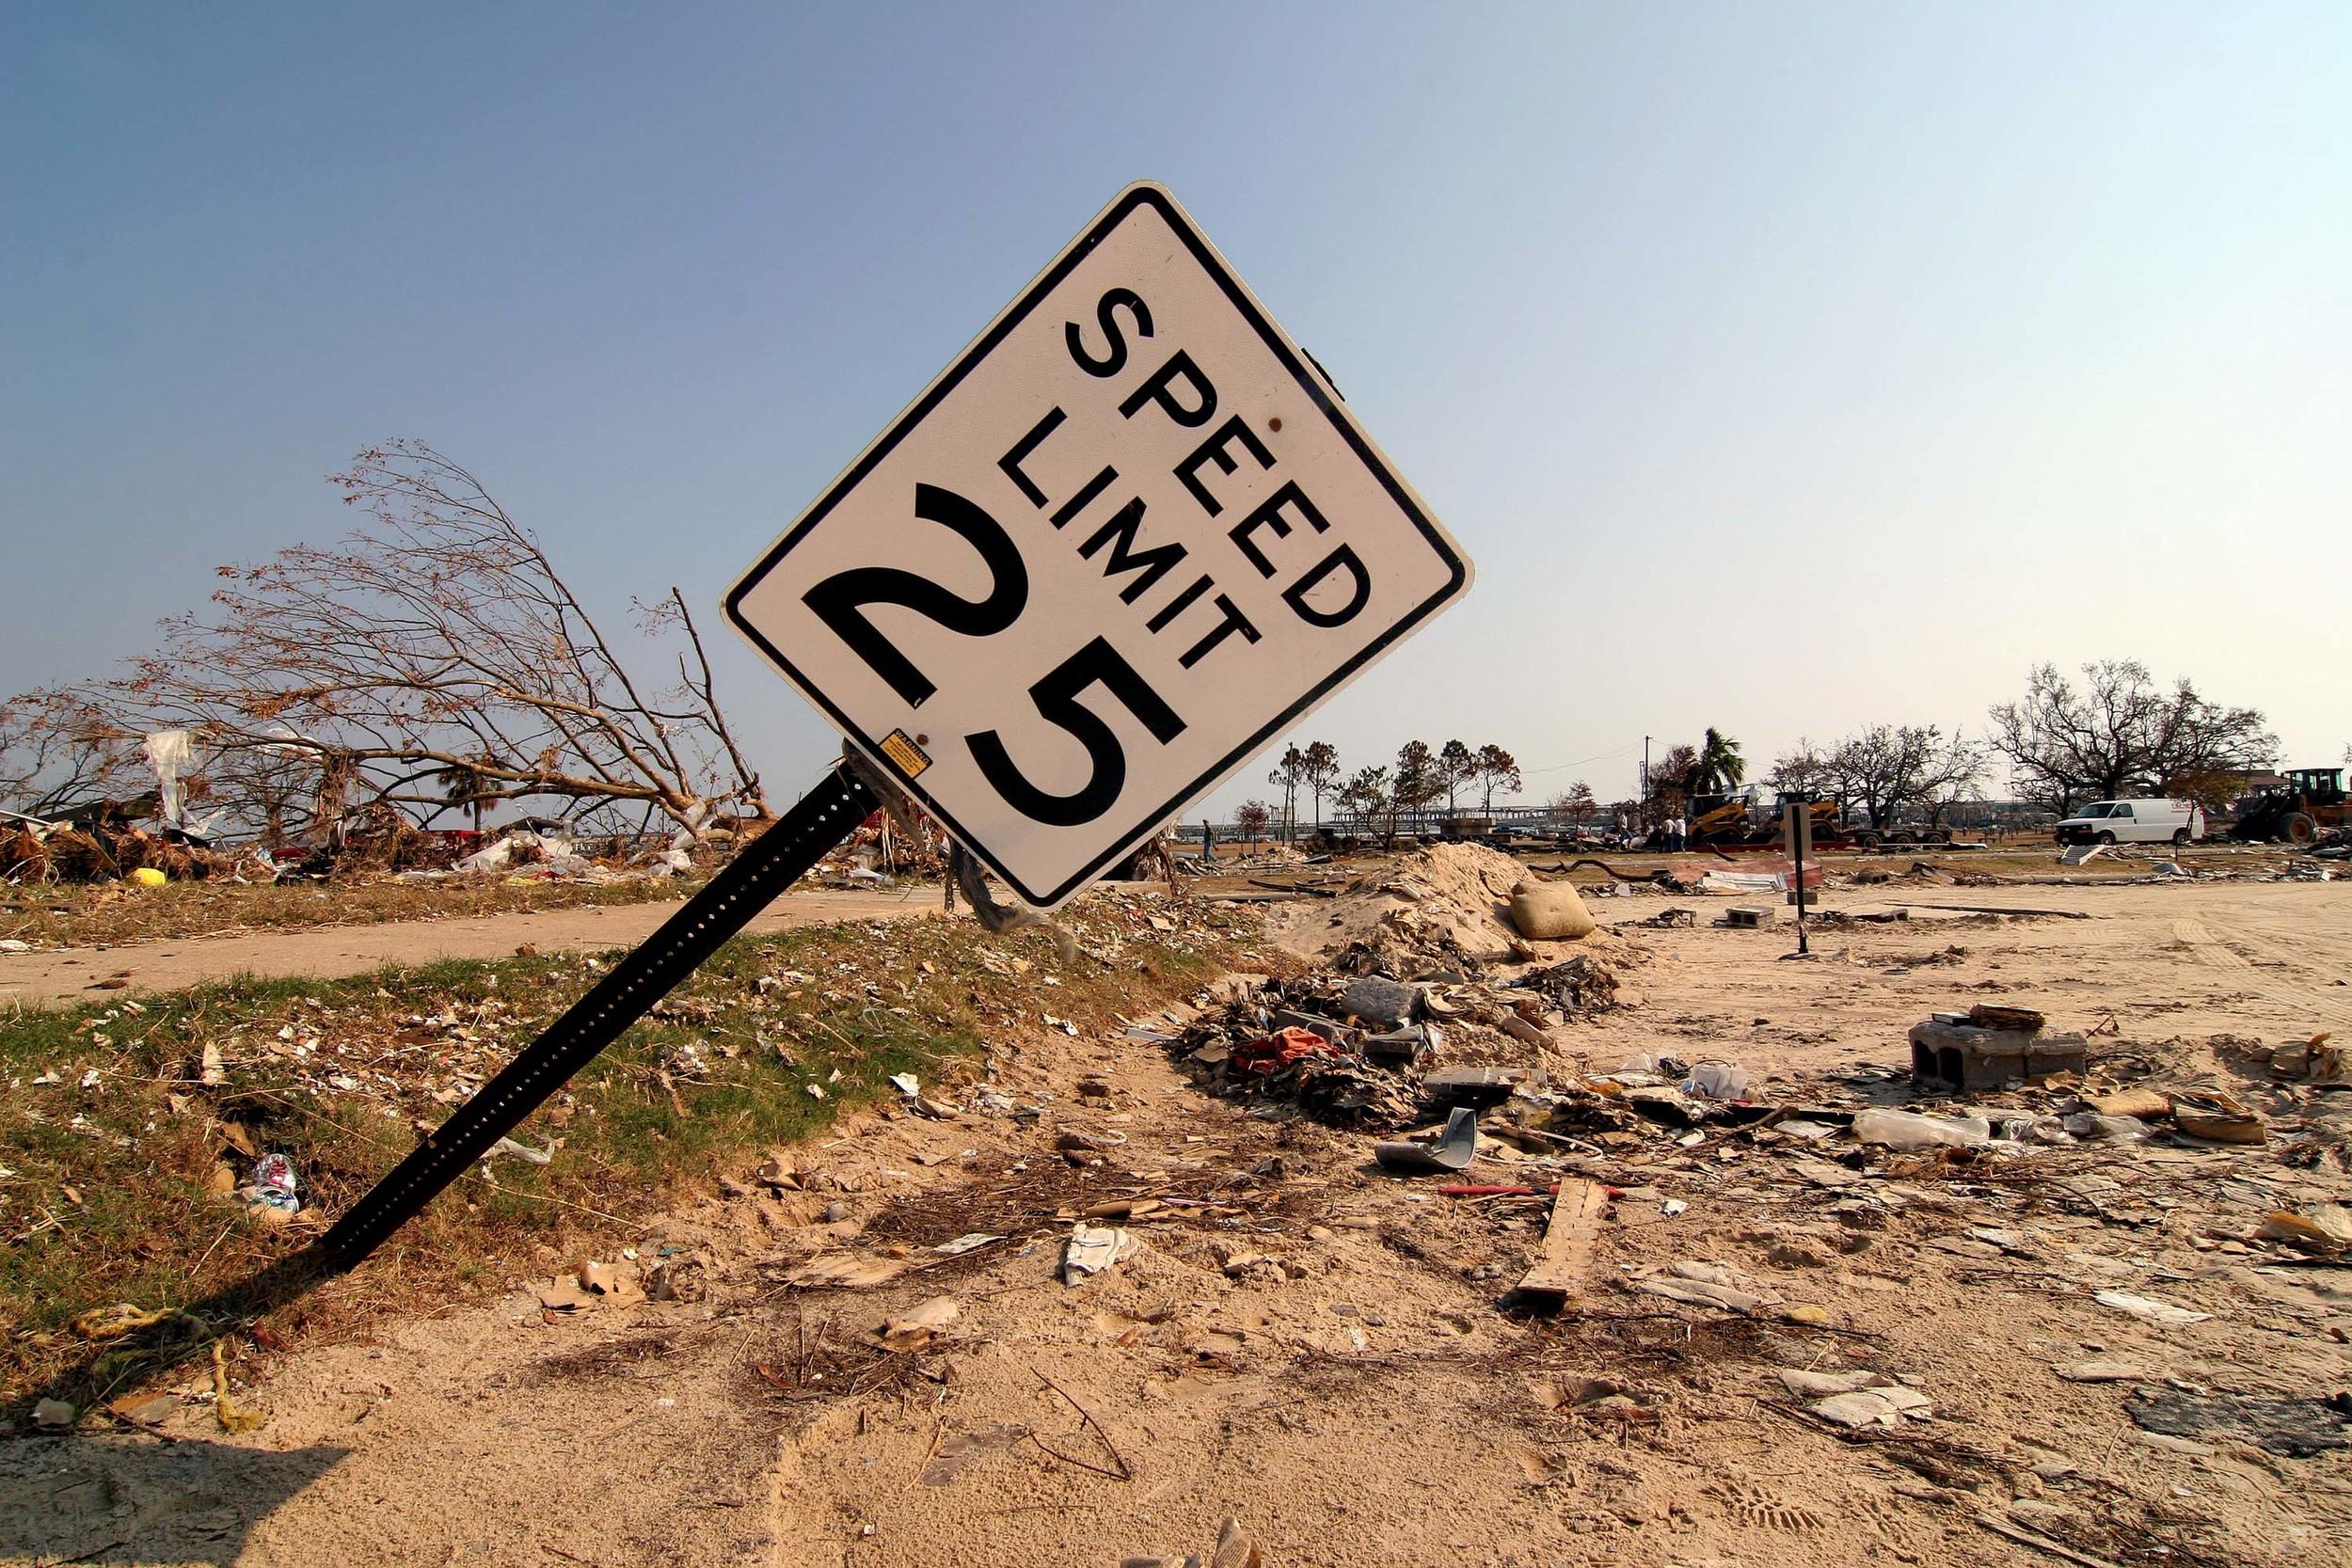 Hurricane Katrina damage - Biloxi, Mississippi - 2005